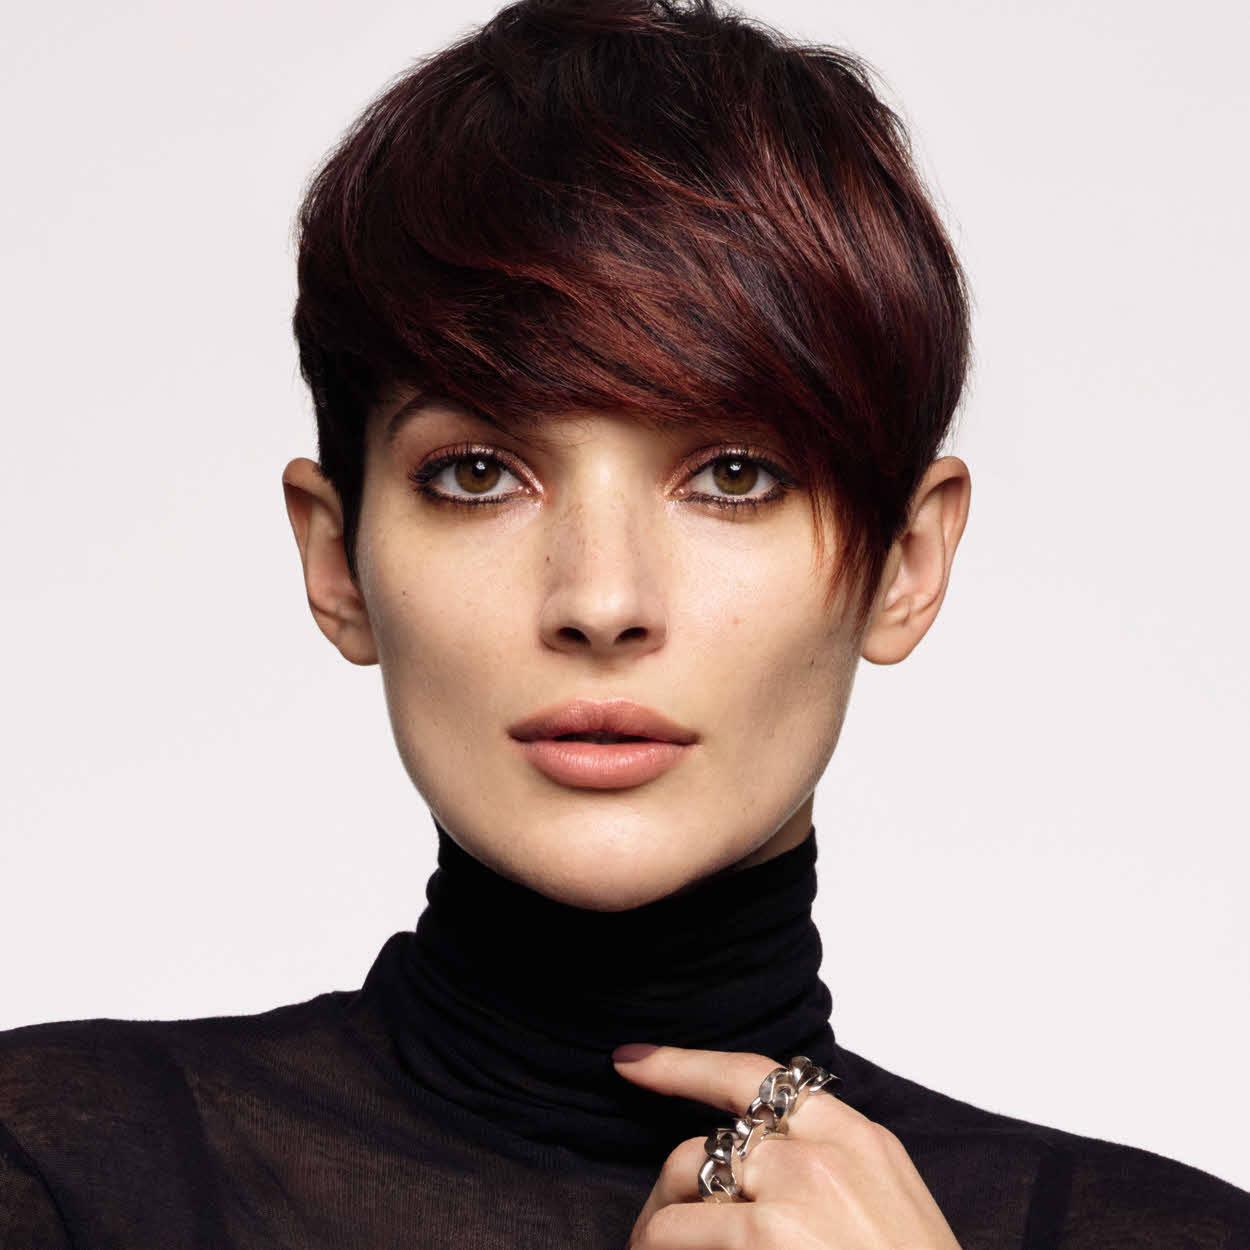 coupe cheveux court femme hiver 2018 coiffures la mode. Black Bedroom Furniture Sets. Home Design Ideas